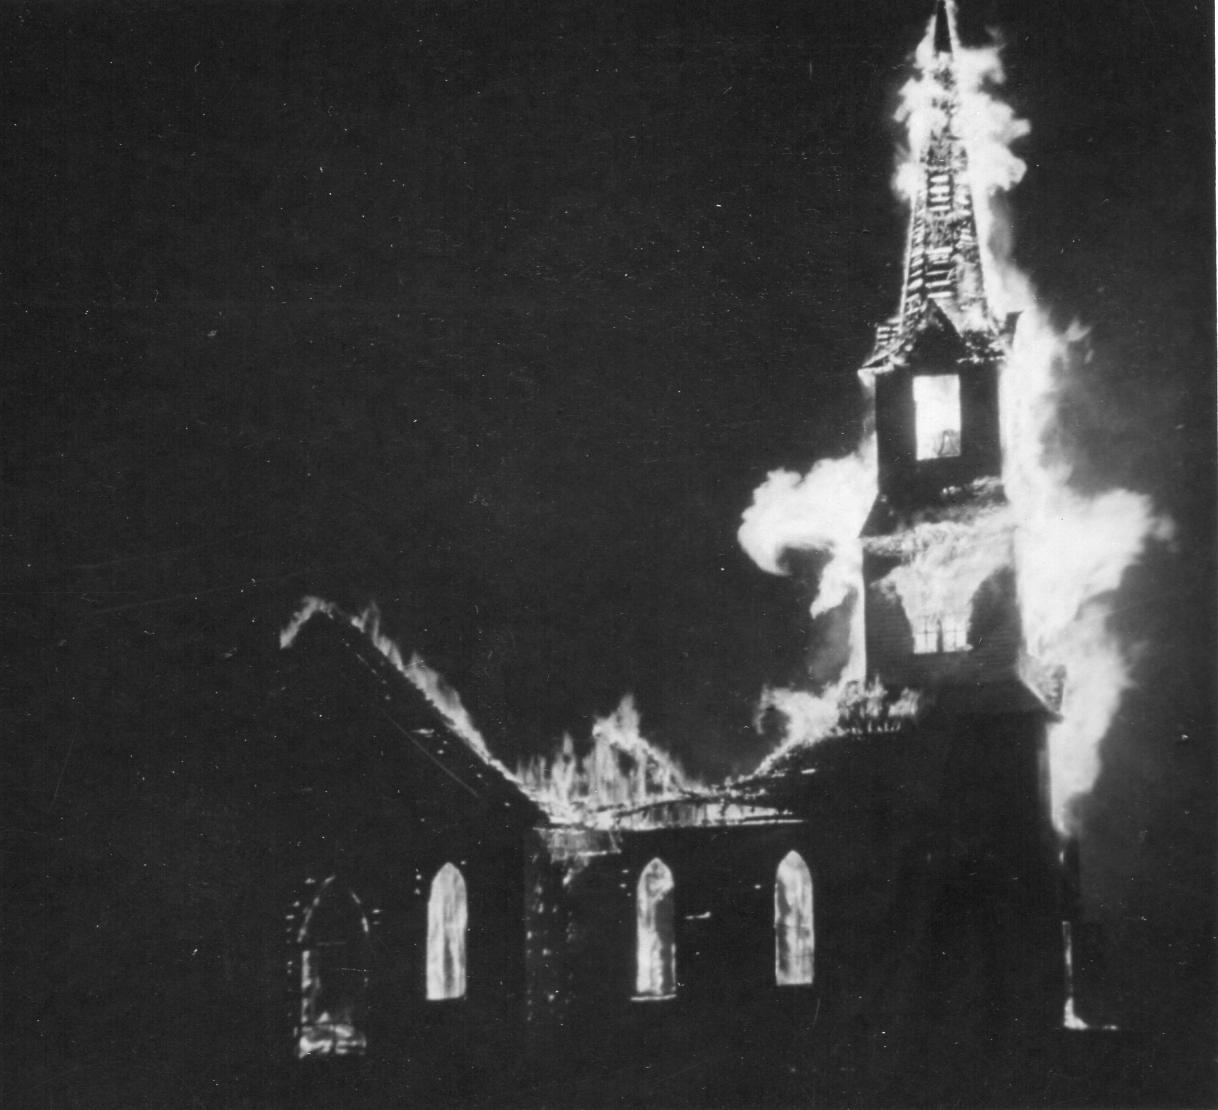 1st West Denmark church burning Sept. 9, 1937